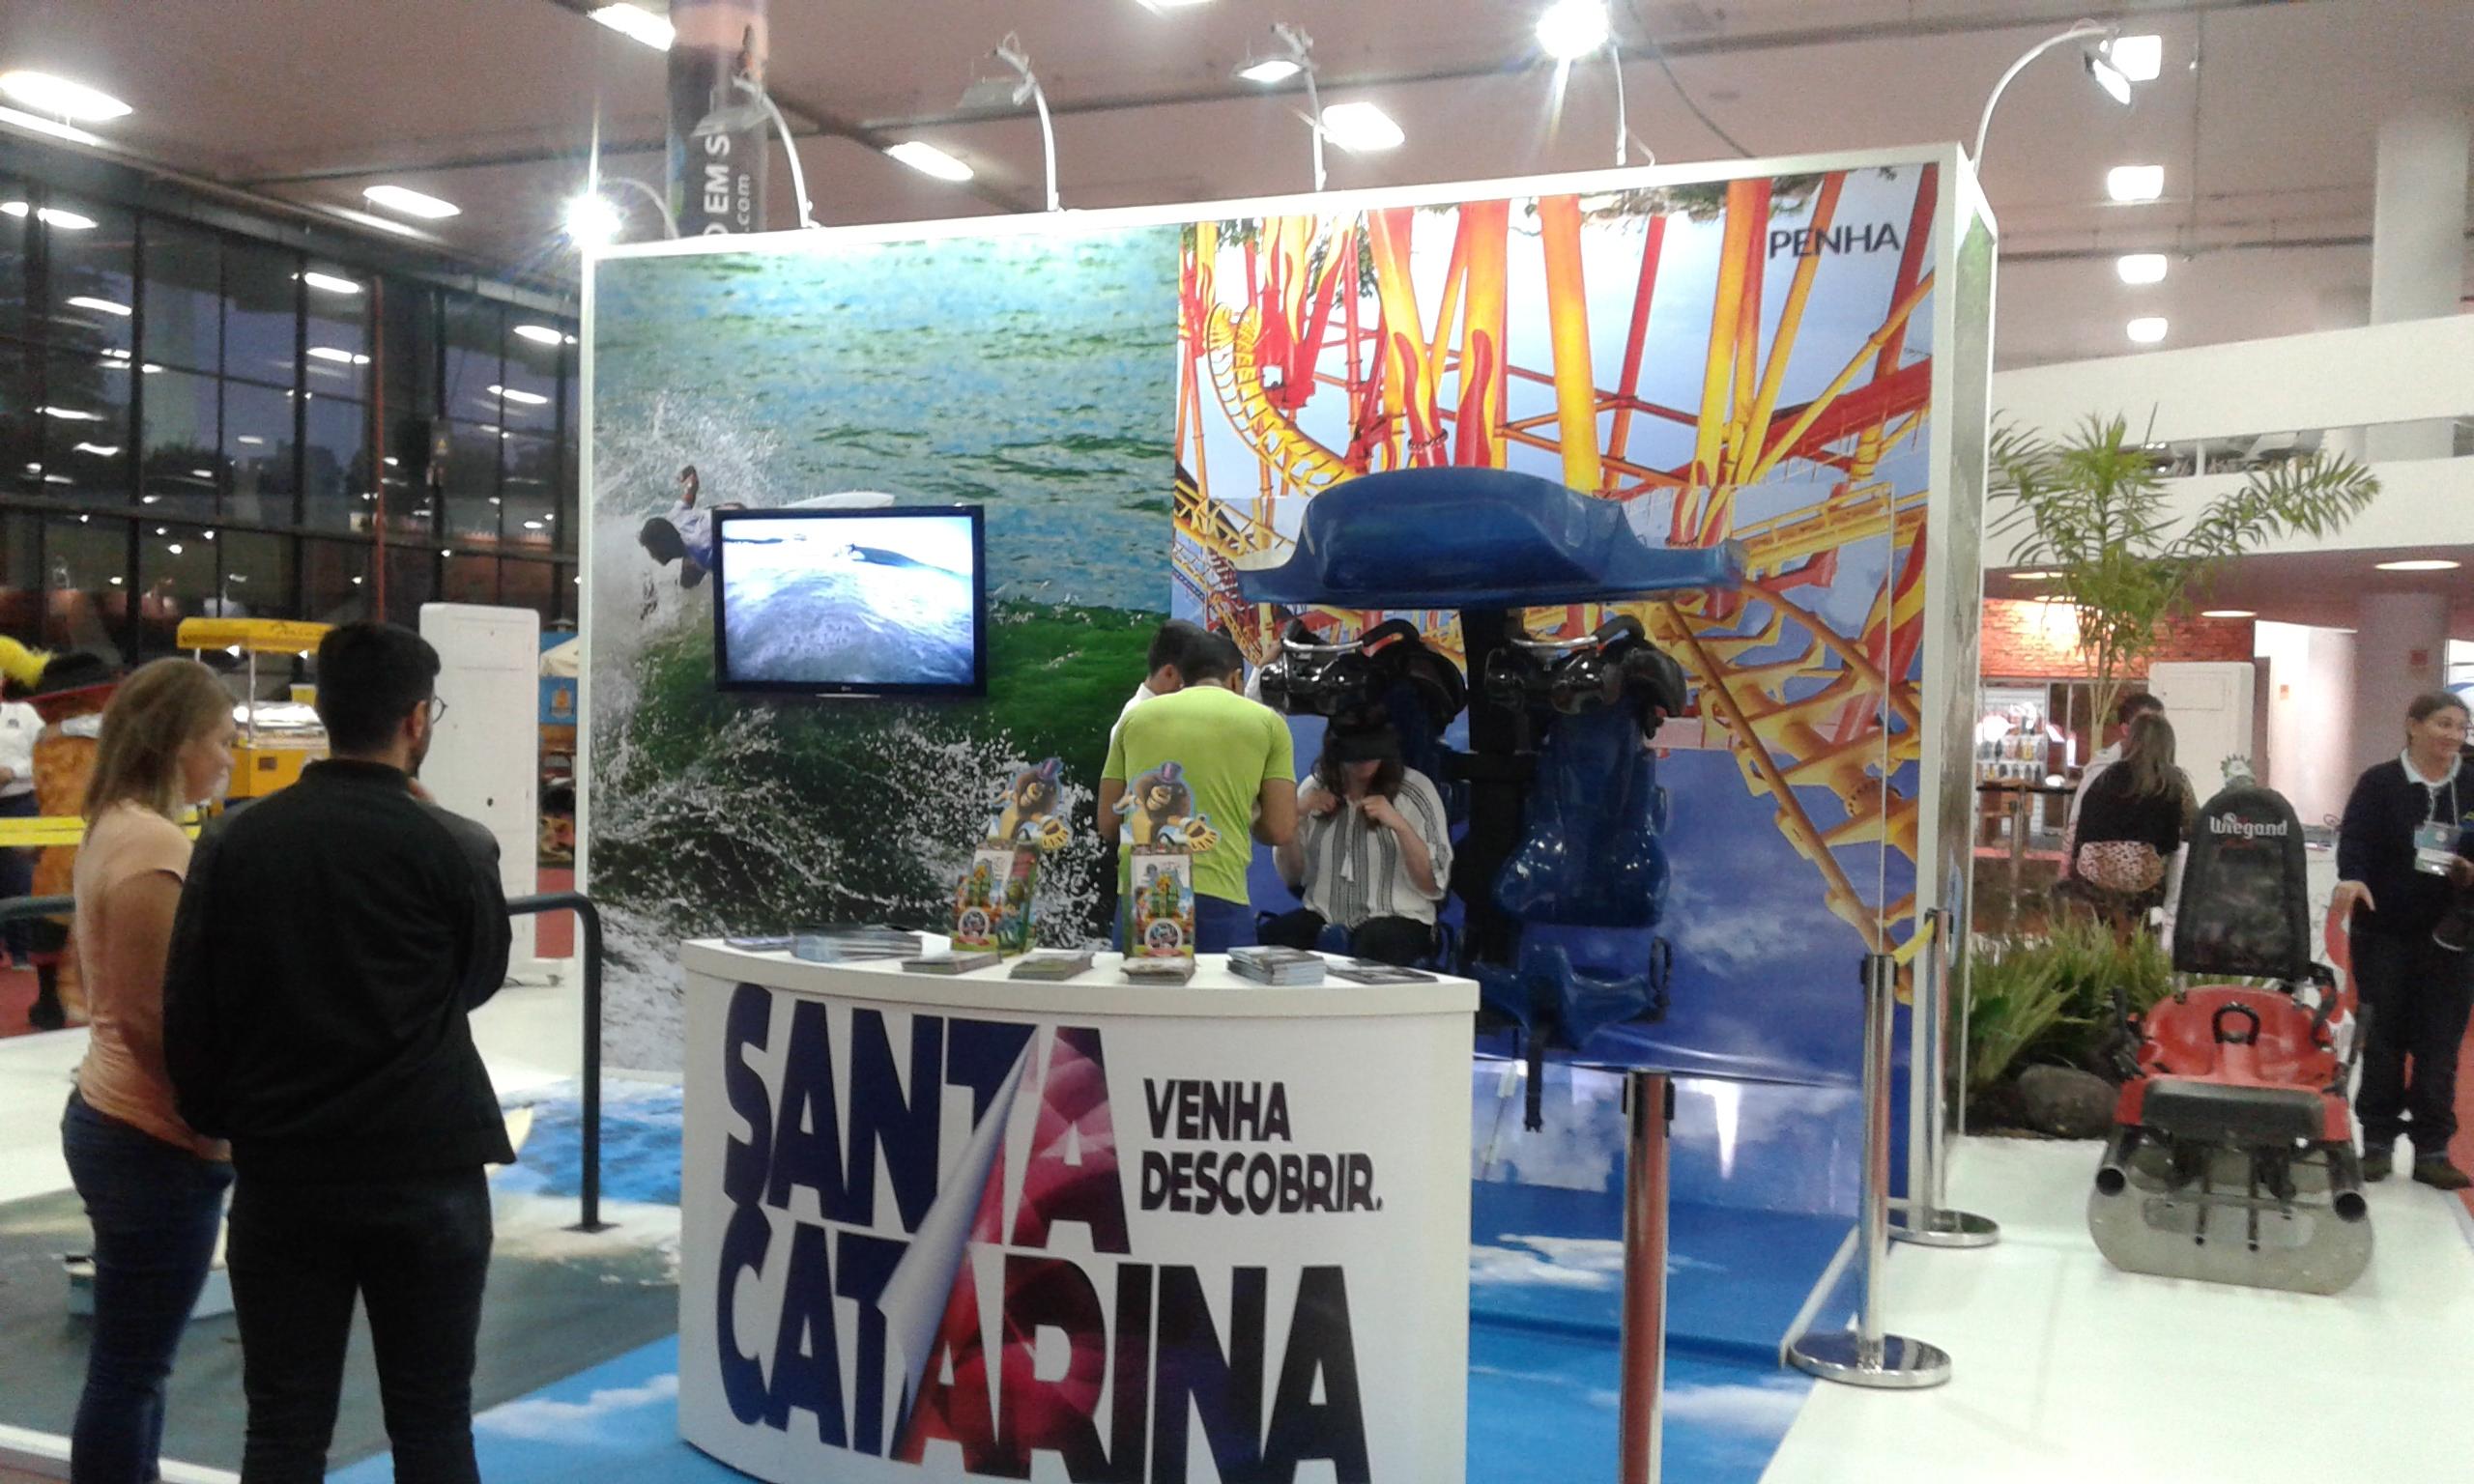 Atração de Santa Catarina na Mostra Viajar 2017